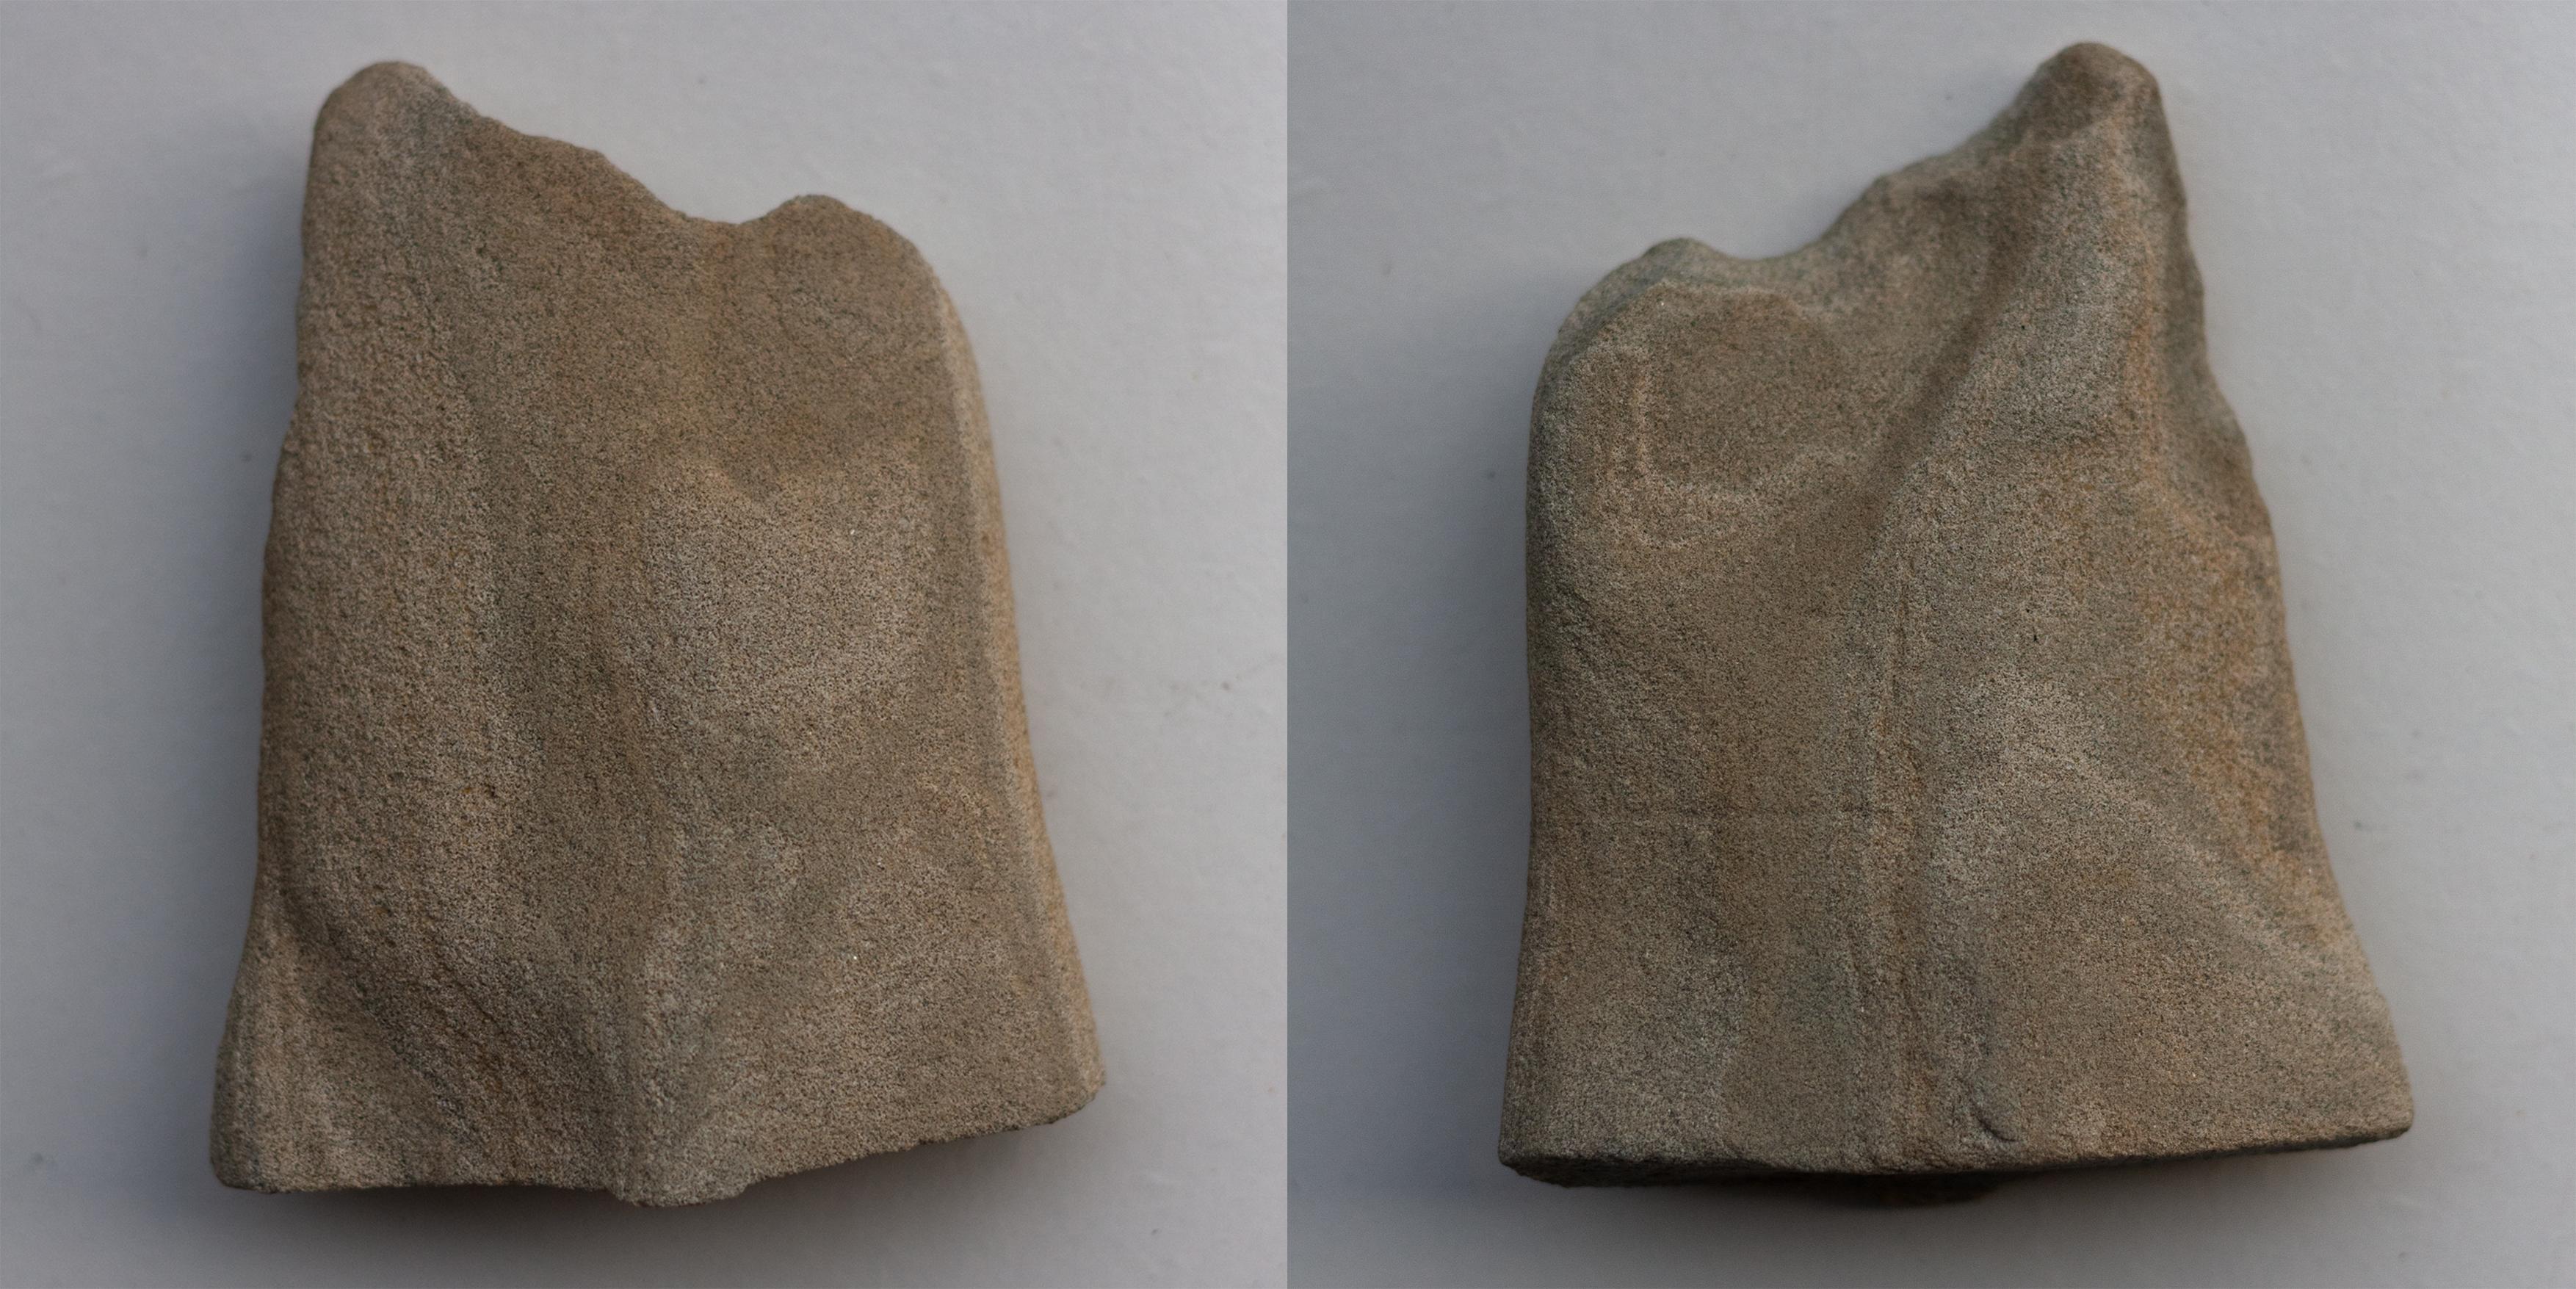 steen samengevoegd